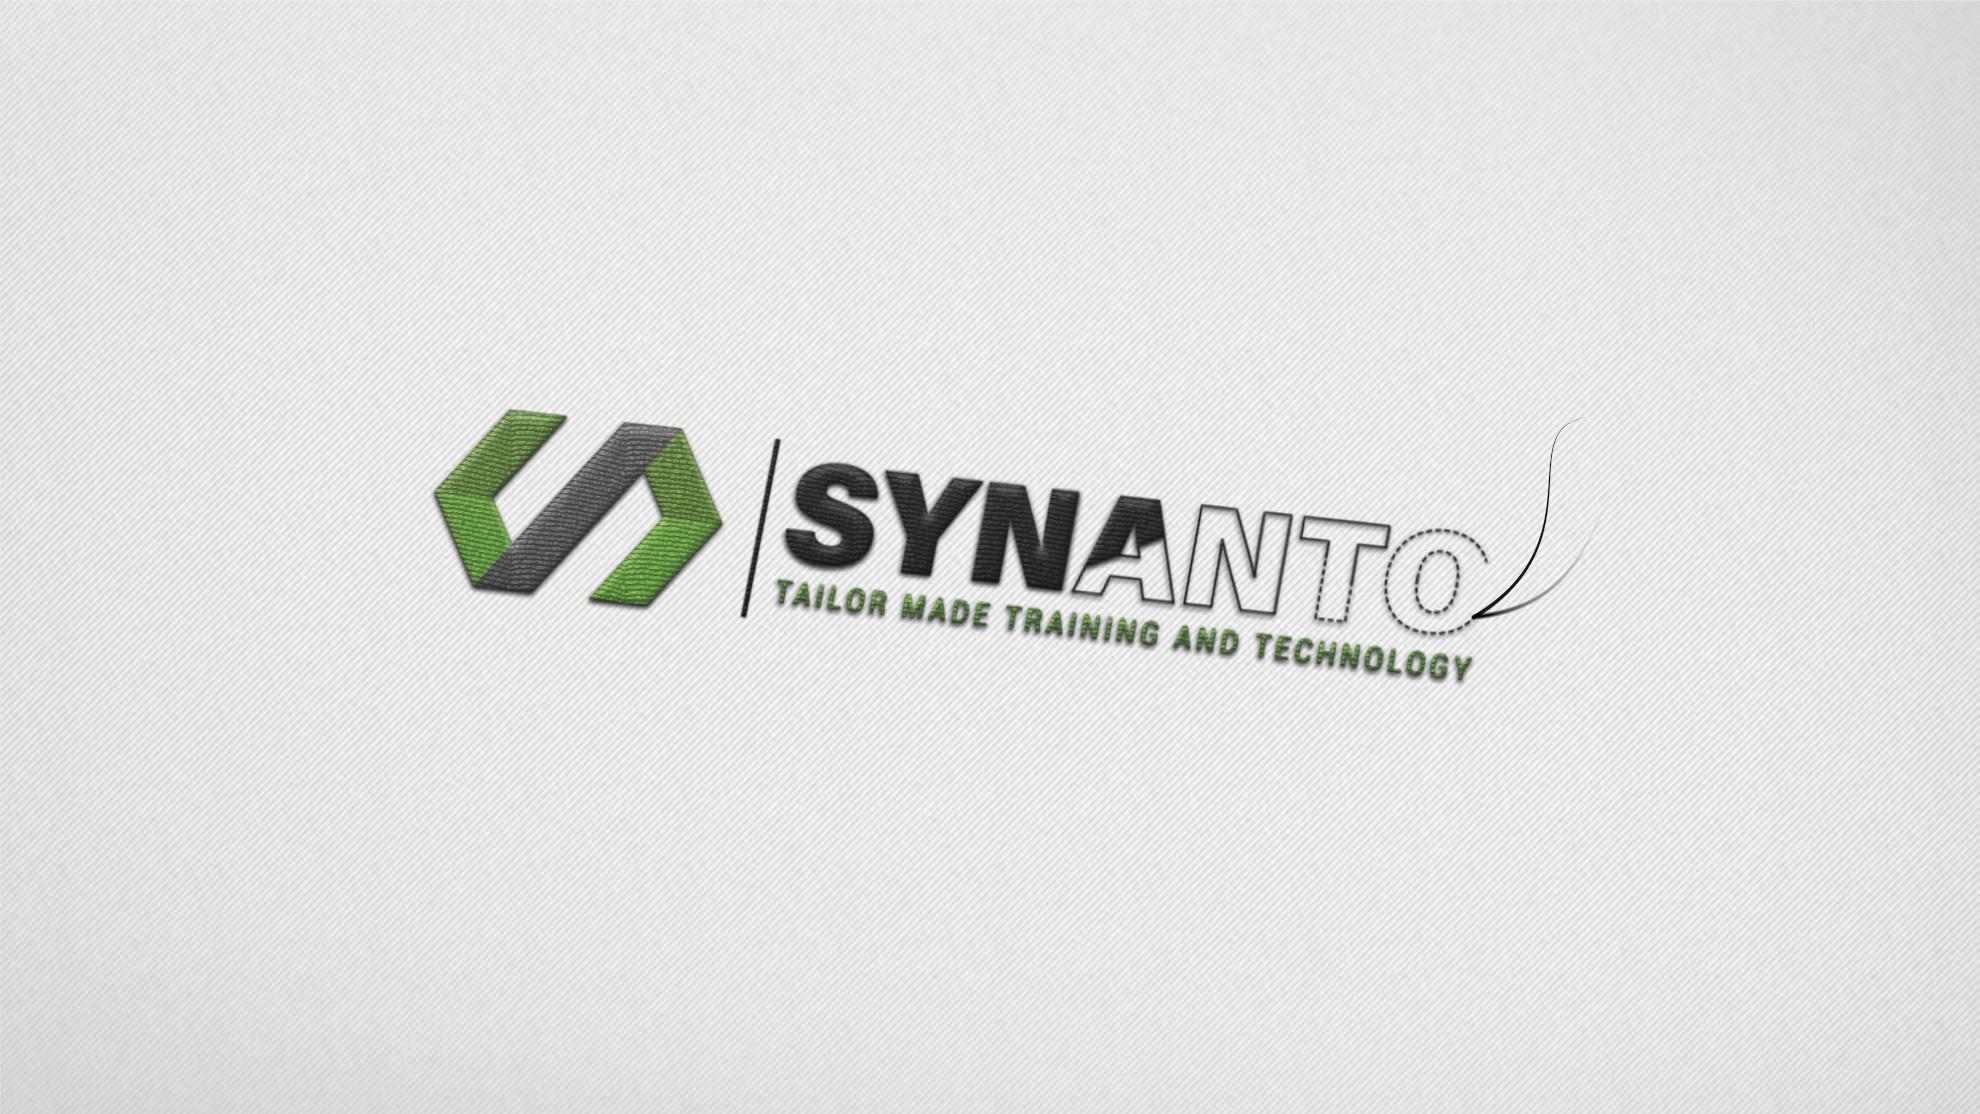 synanto